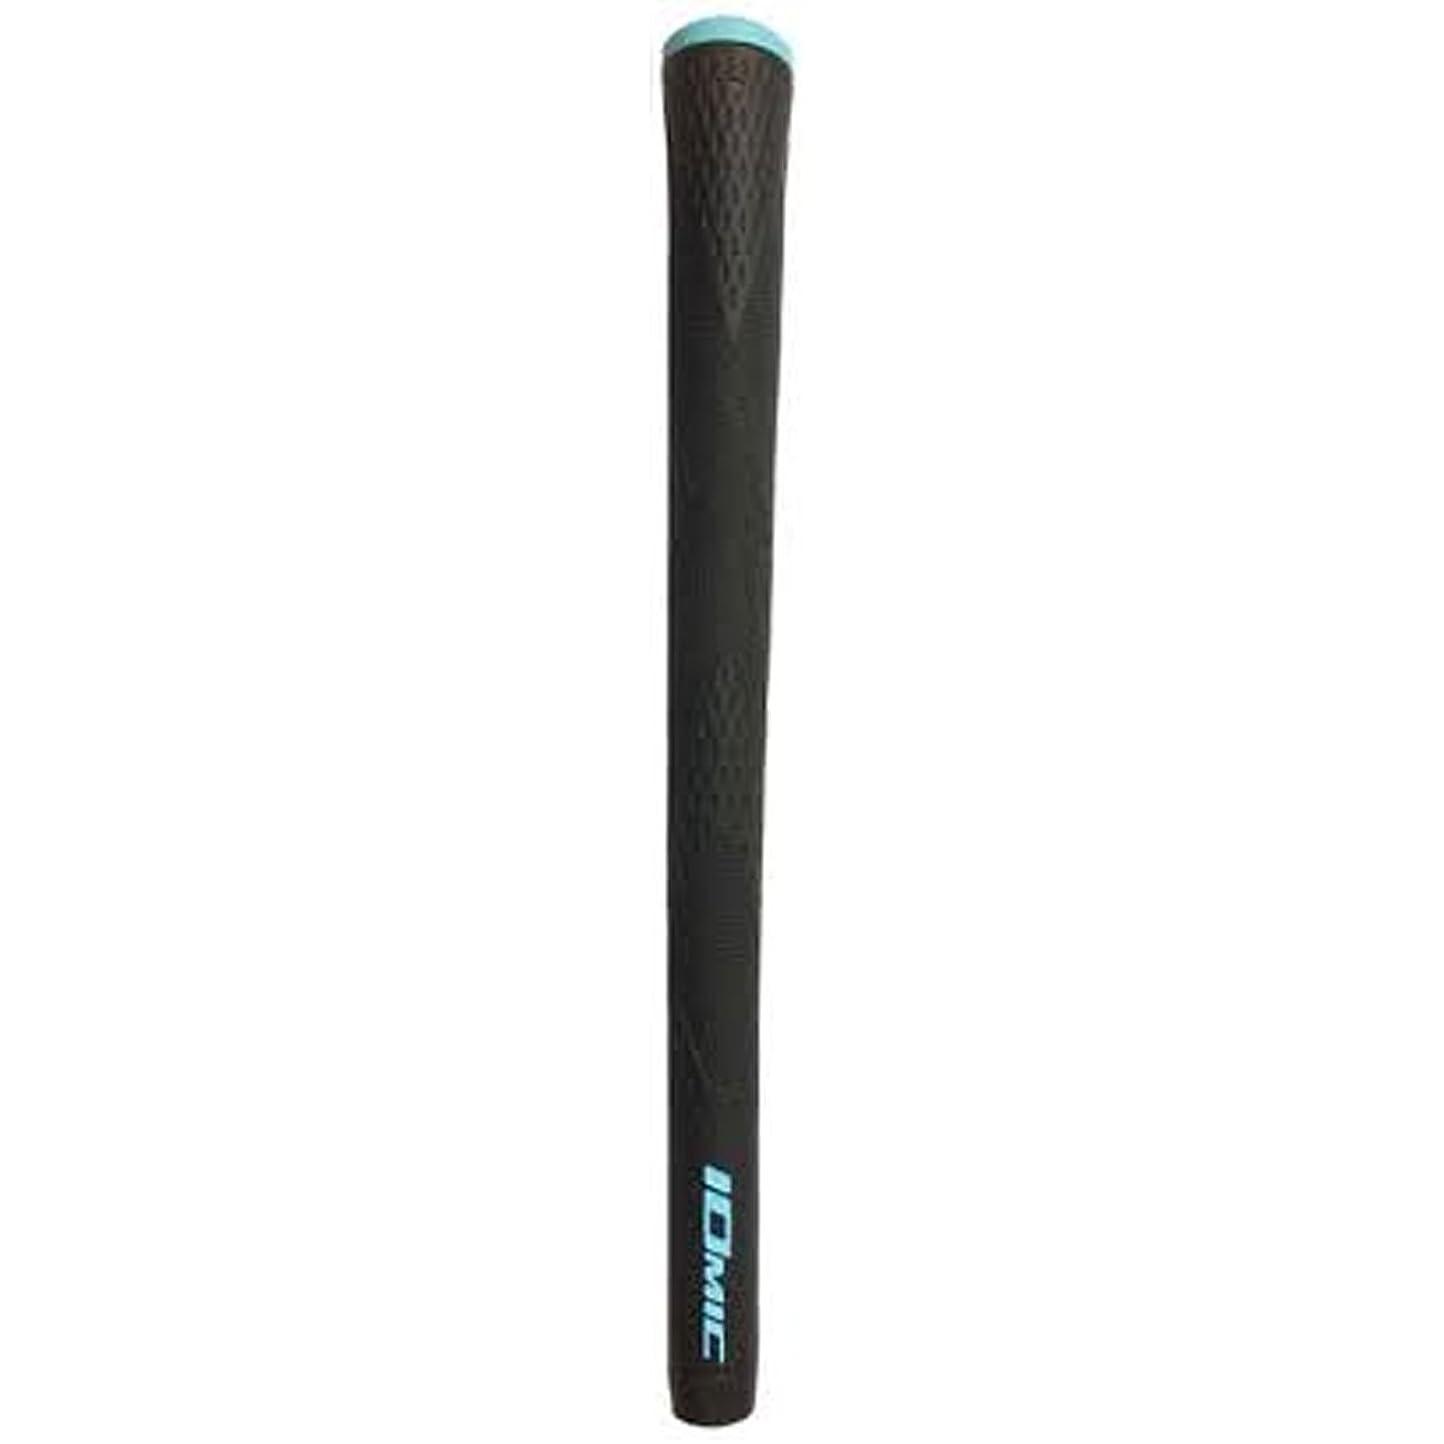 過敏な電化するアーティファクトイオミック IOMIC グリップ X-Grip ハードフィーリング グリップ ブラック×スカイブルー 外径:22.3mm